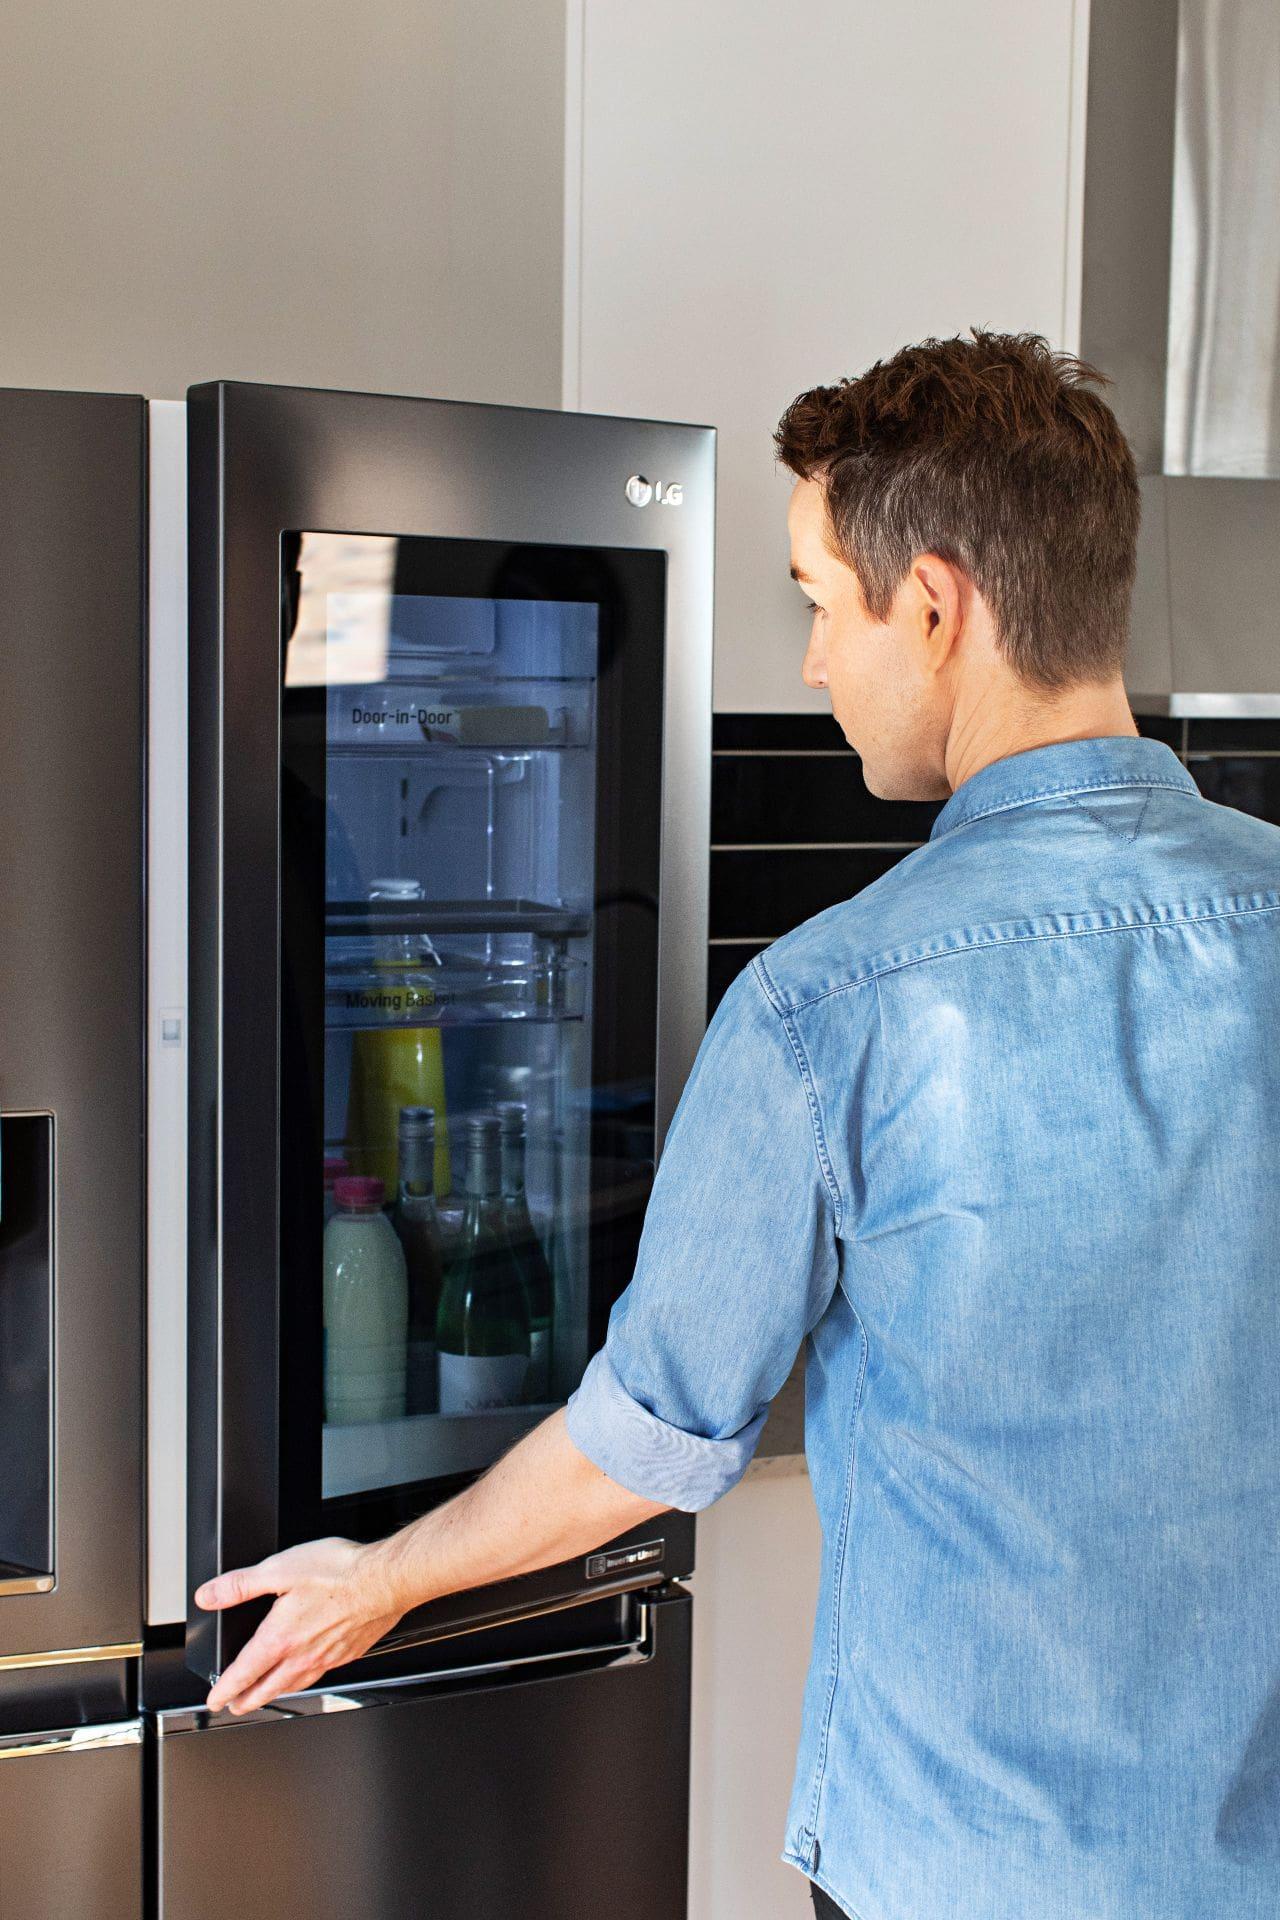 designer chris carroll tlc interiors review lg instaview door in door fridge